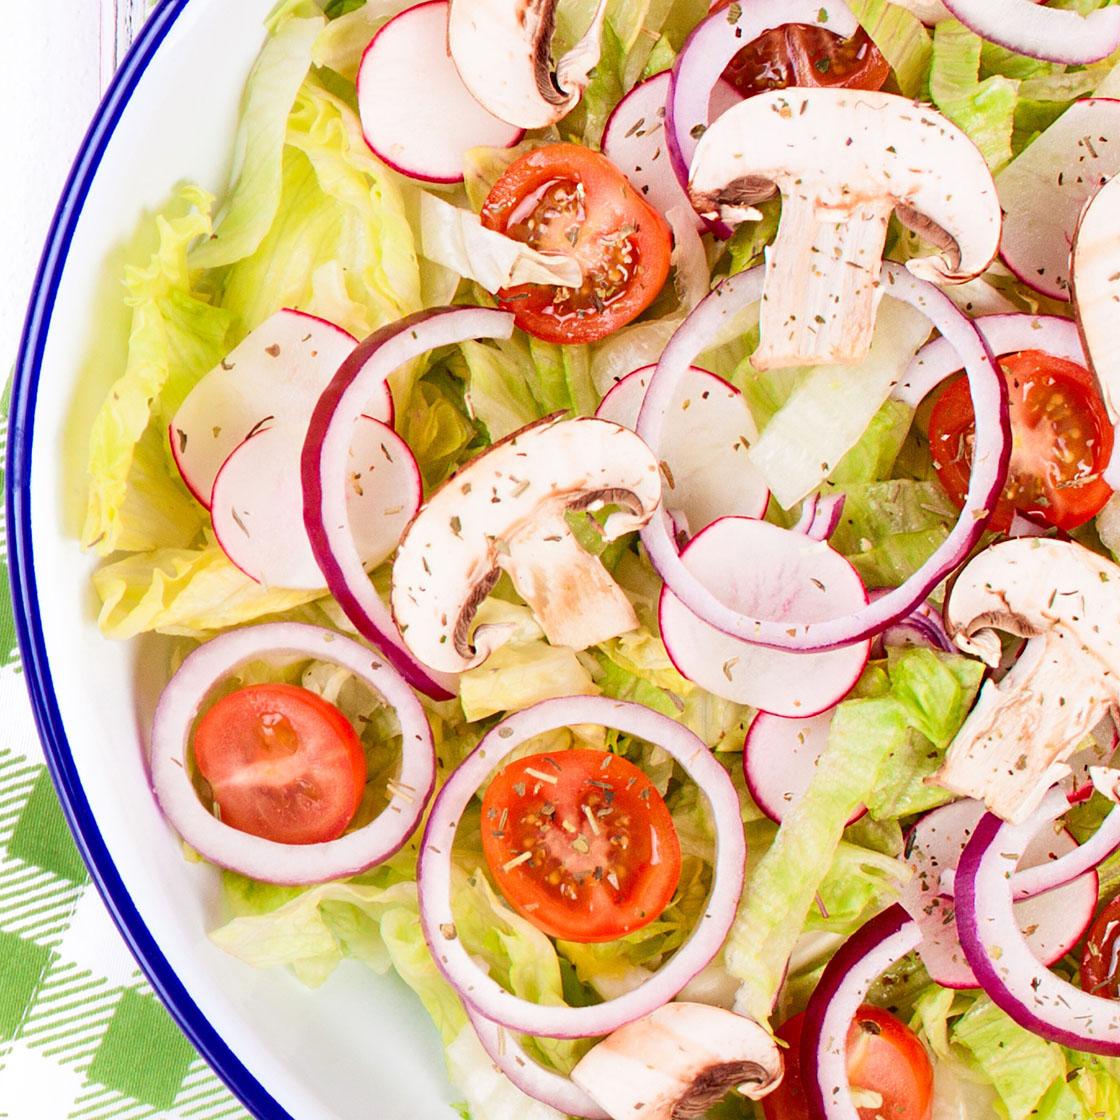 Insalata di lattuga, ravanelli, pomodori, champignon e cipolla